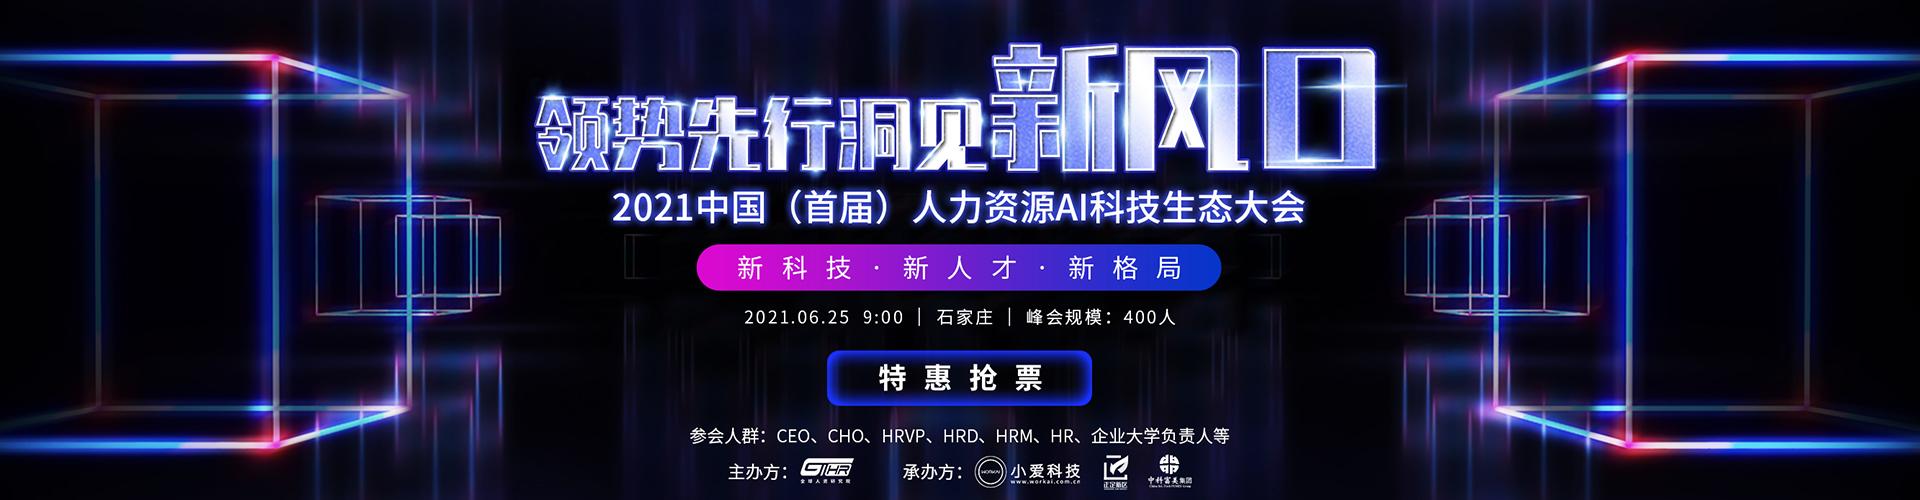 2021中国(首届)人力资源AI科技生态大会